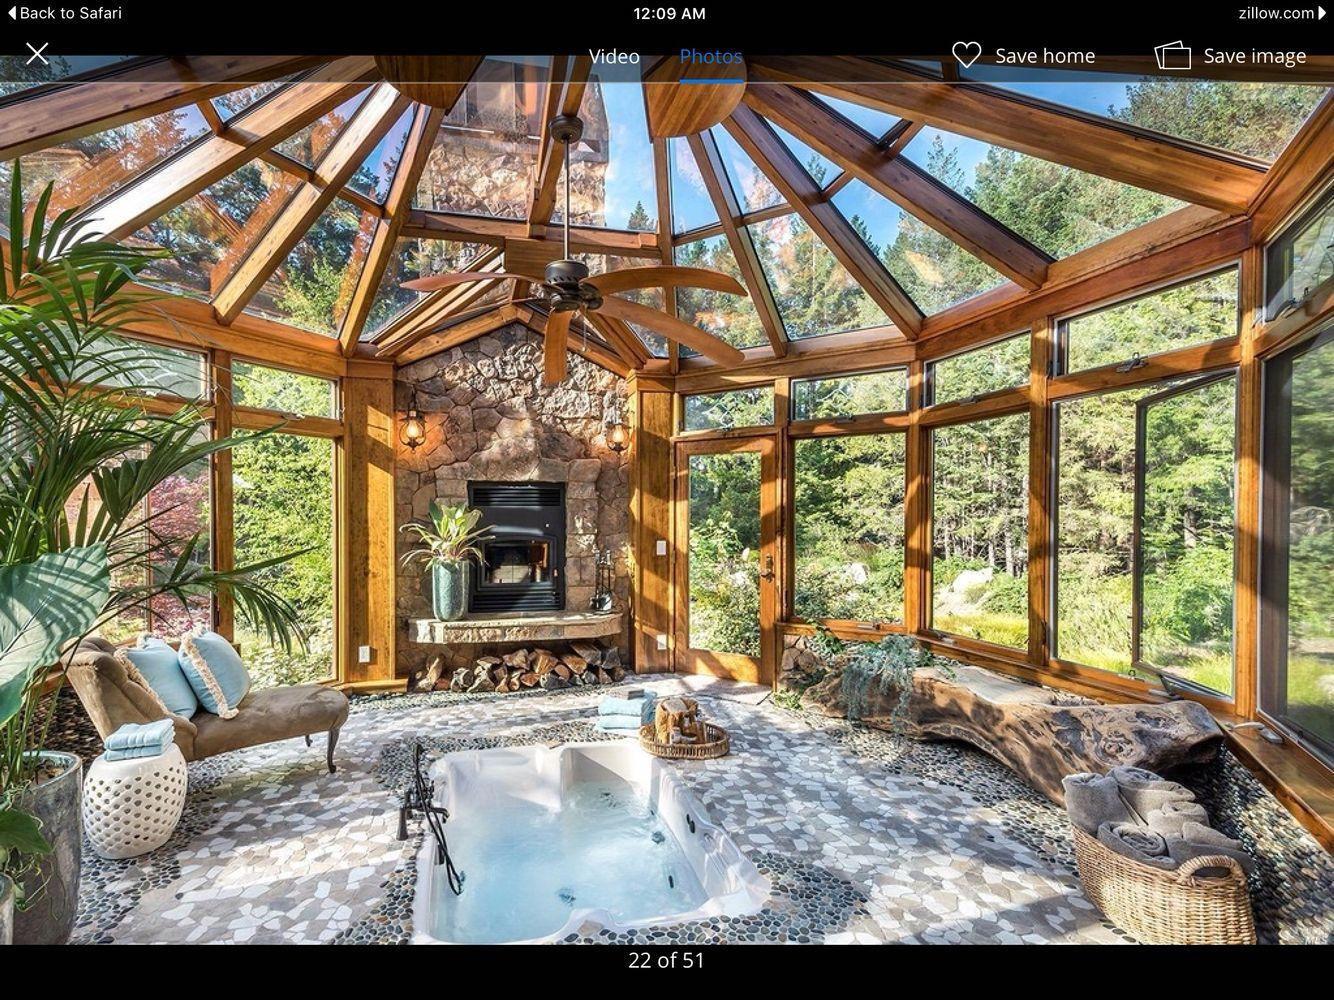 Indoor Hot Tub And Solarium In 2019 Hot Tub Room